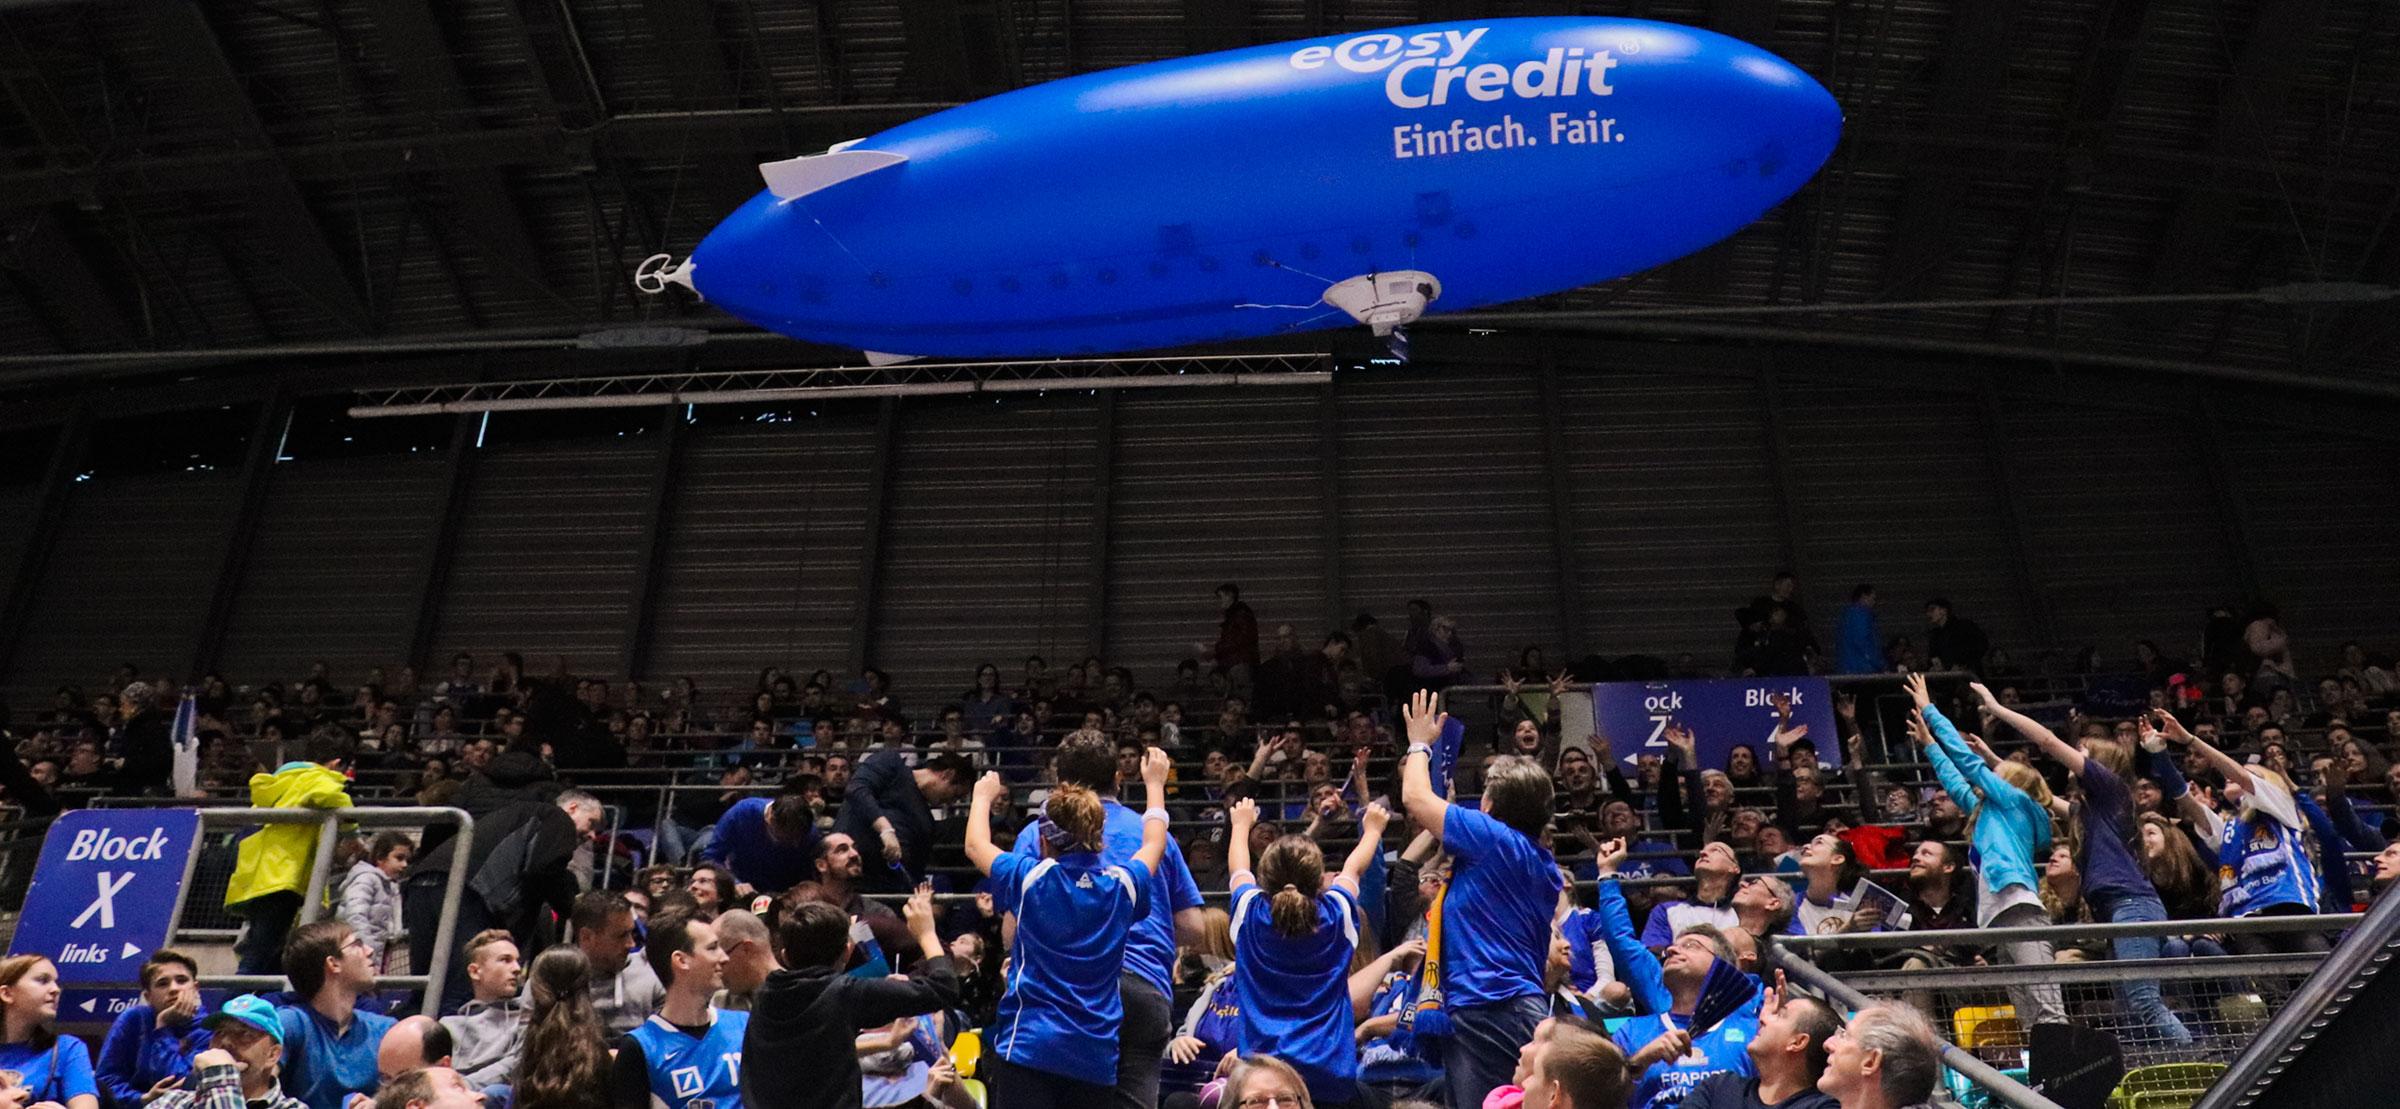 rz zeppelin sport-sponsoring